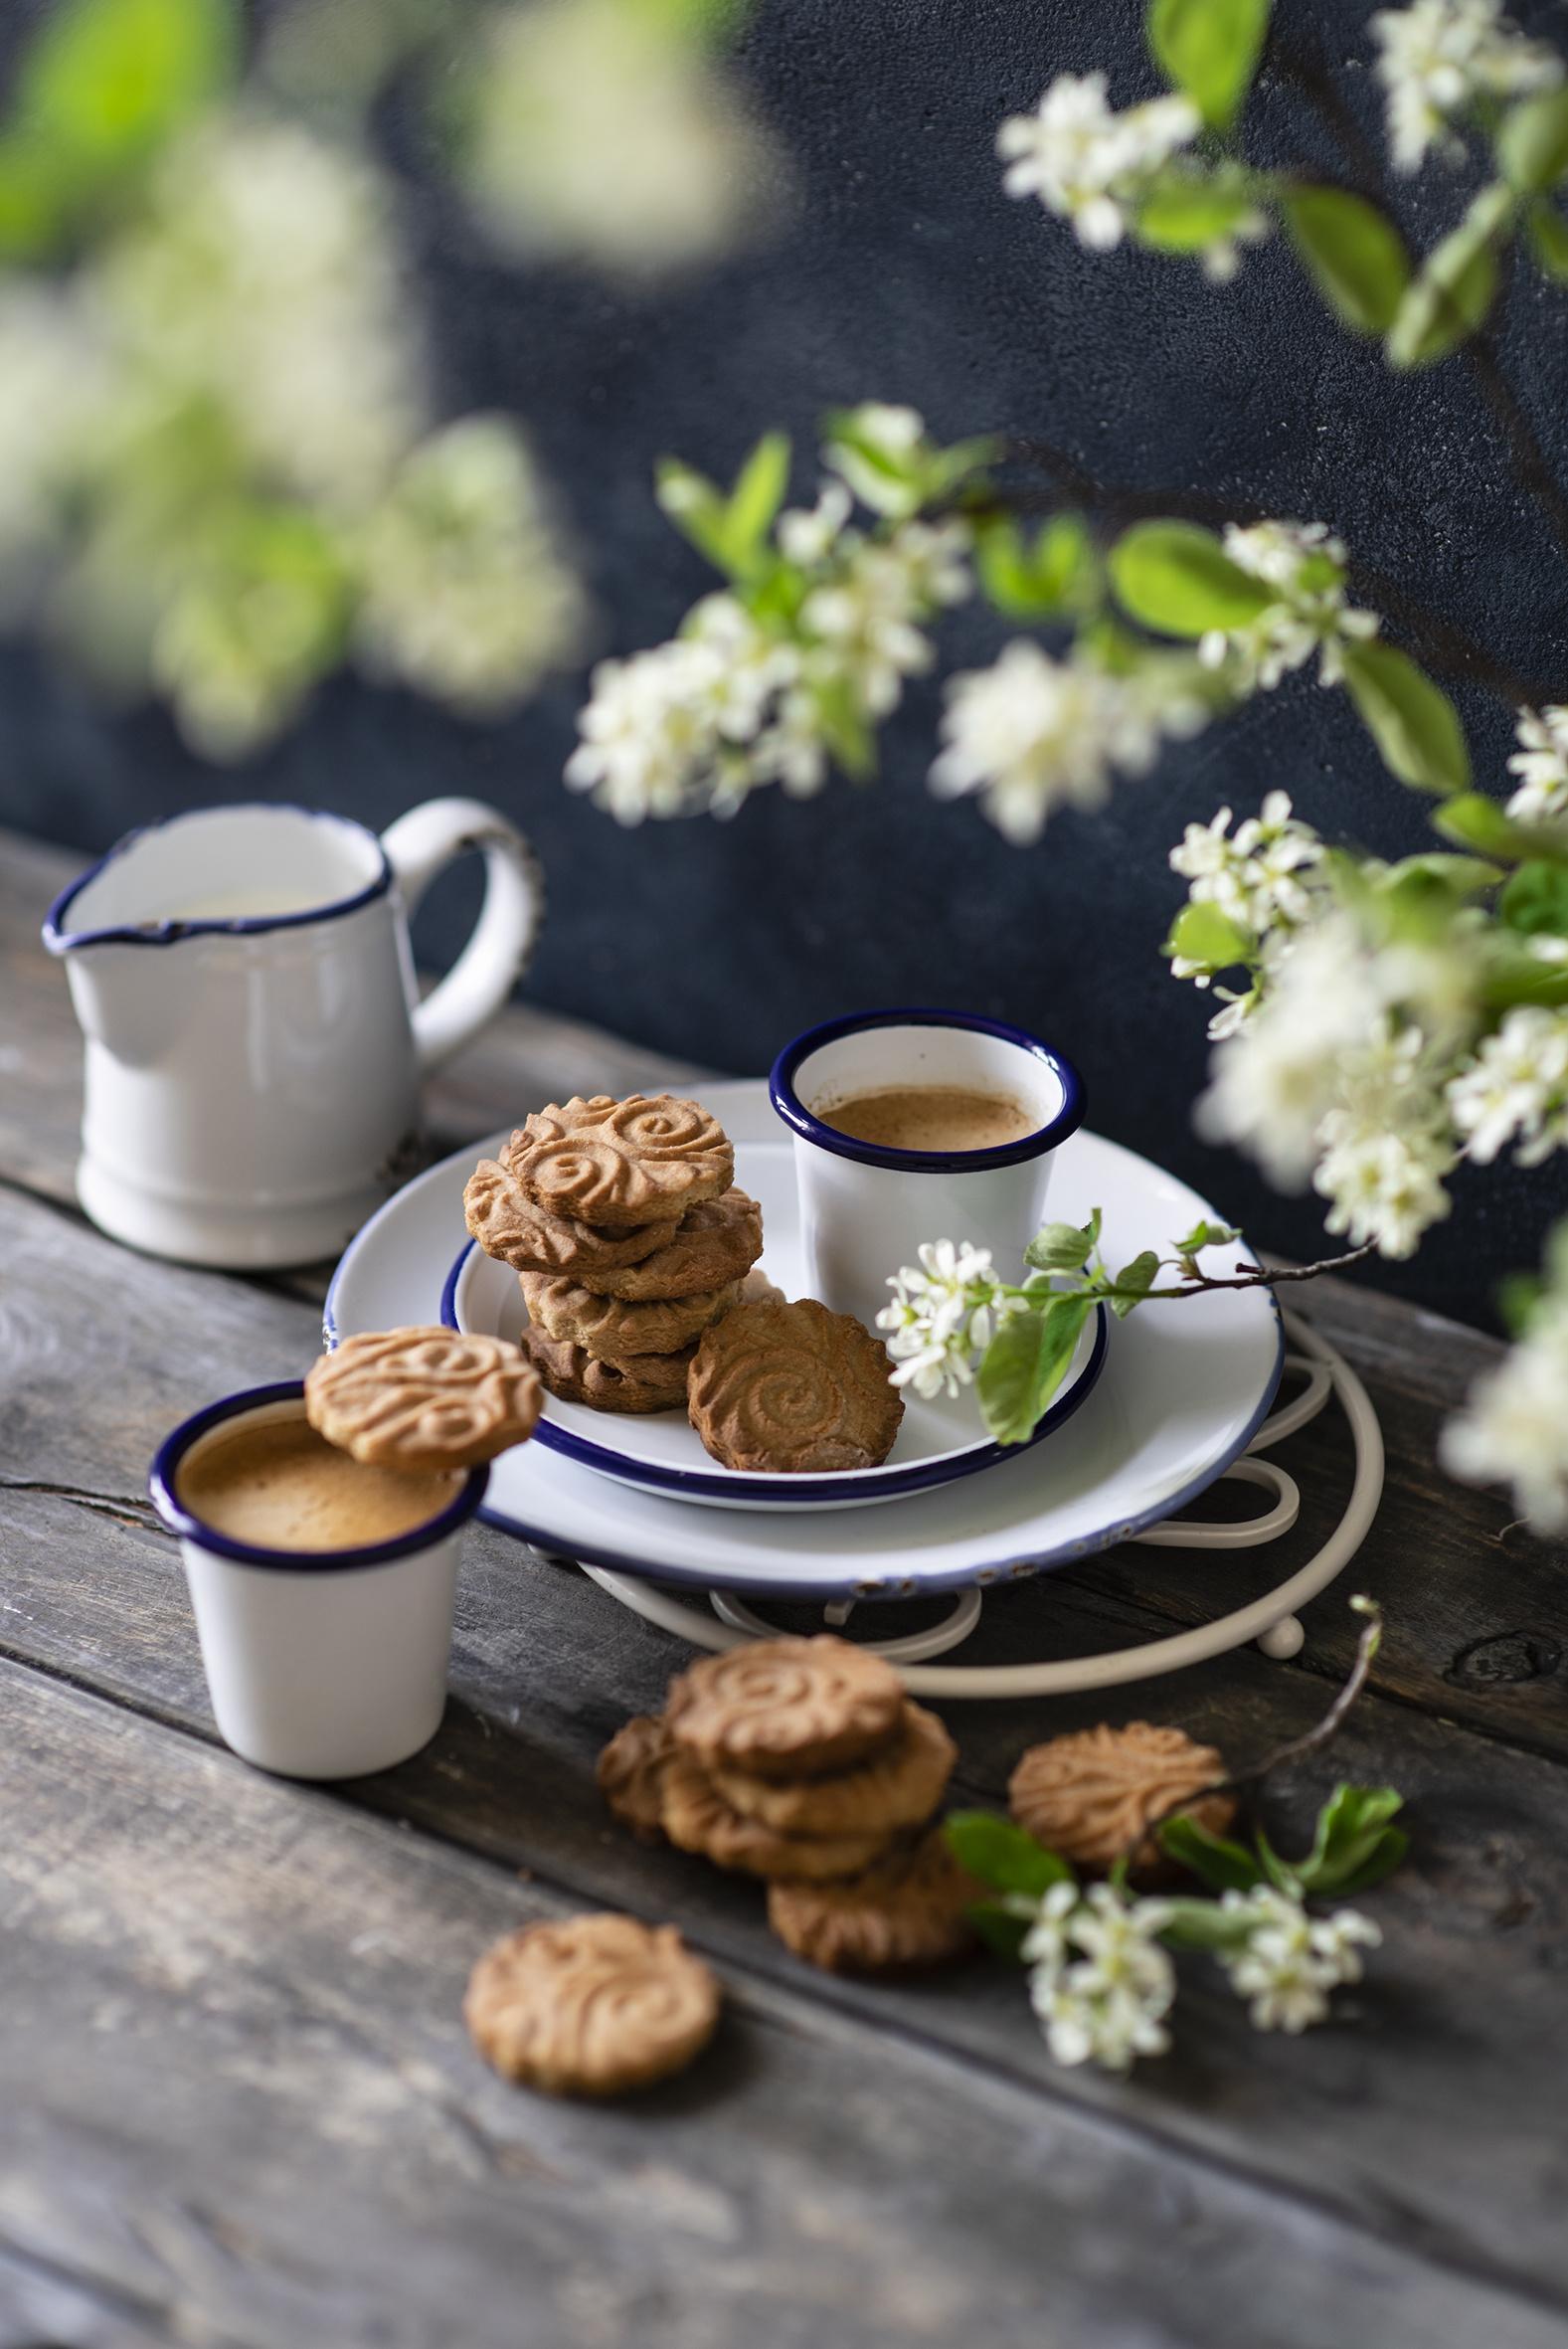 Tapeta na pulpit Kawa Cappuccino dzbanki Kubek żywność Ciasteczka Deski  dla Telefon komórkowy Dzbanek ciastka Jedzenie